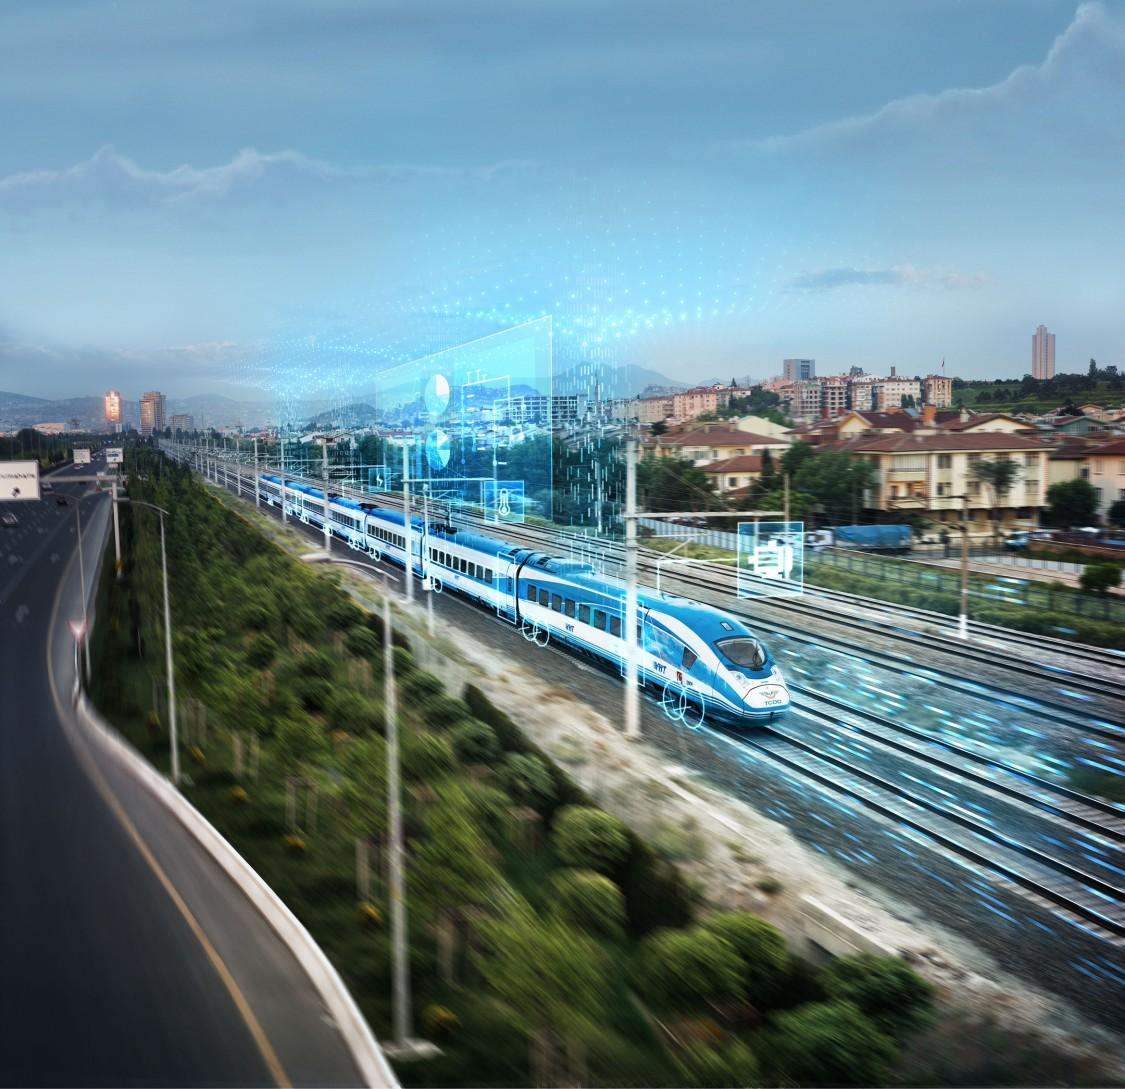 Schnellzug fährt entlang einer Stadt